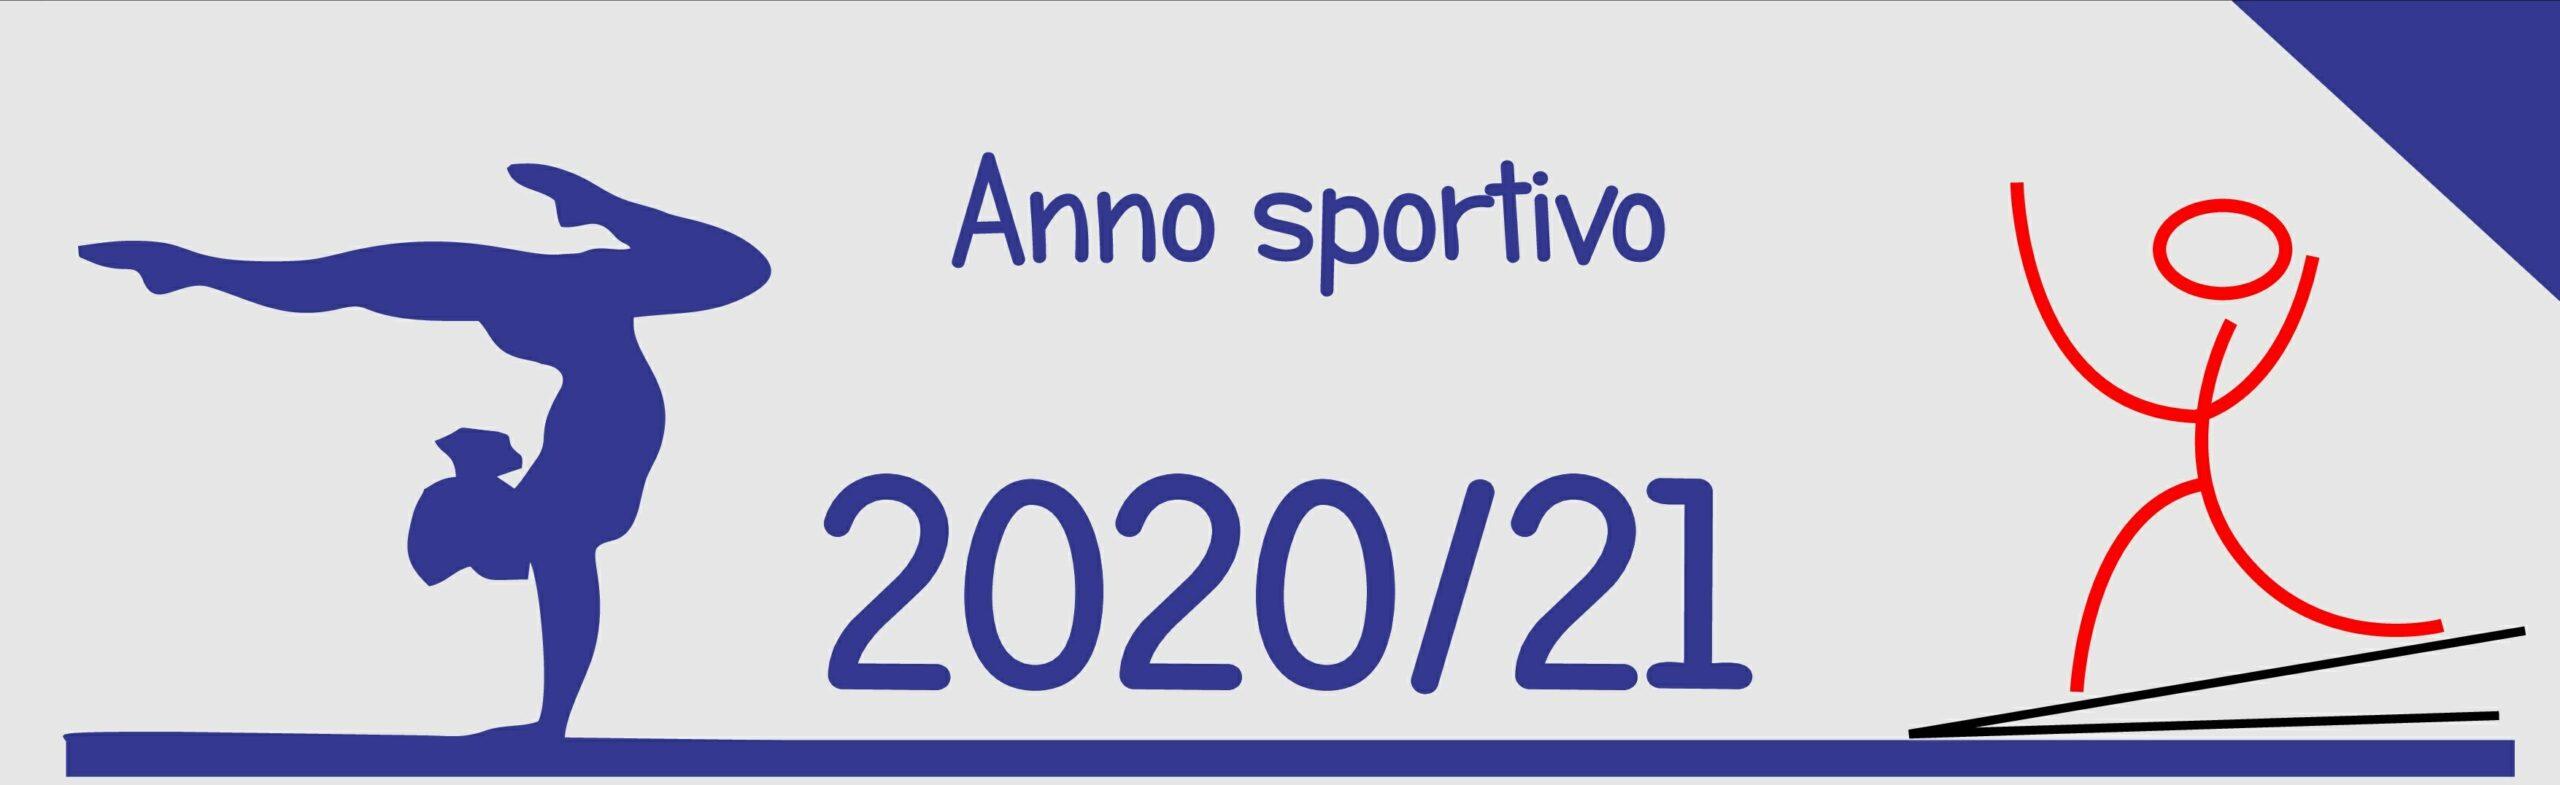 Anno Sportivo 2021/21